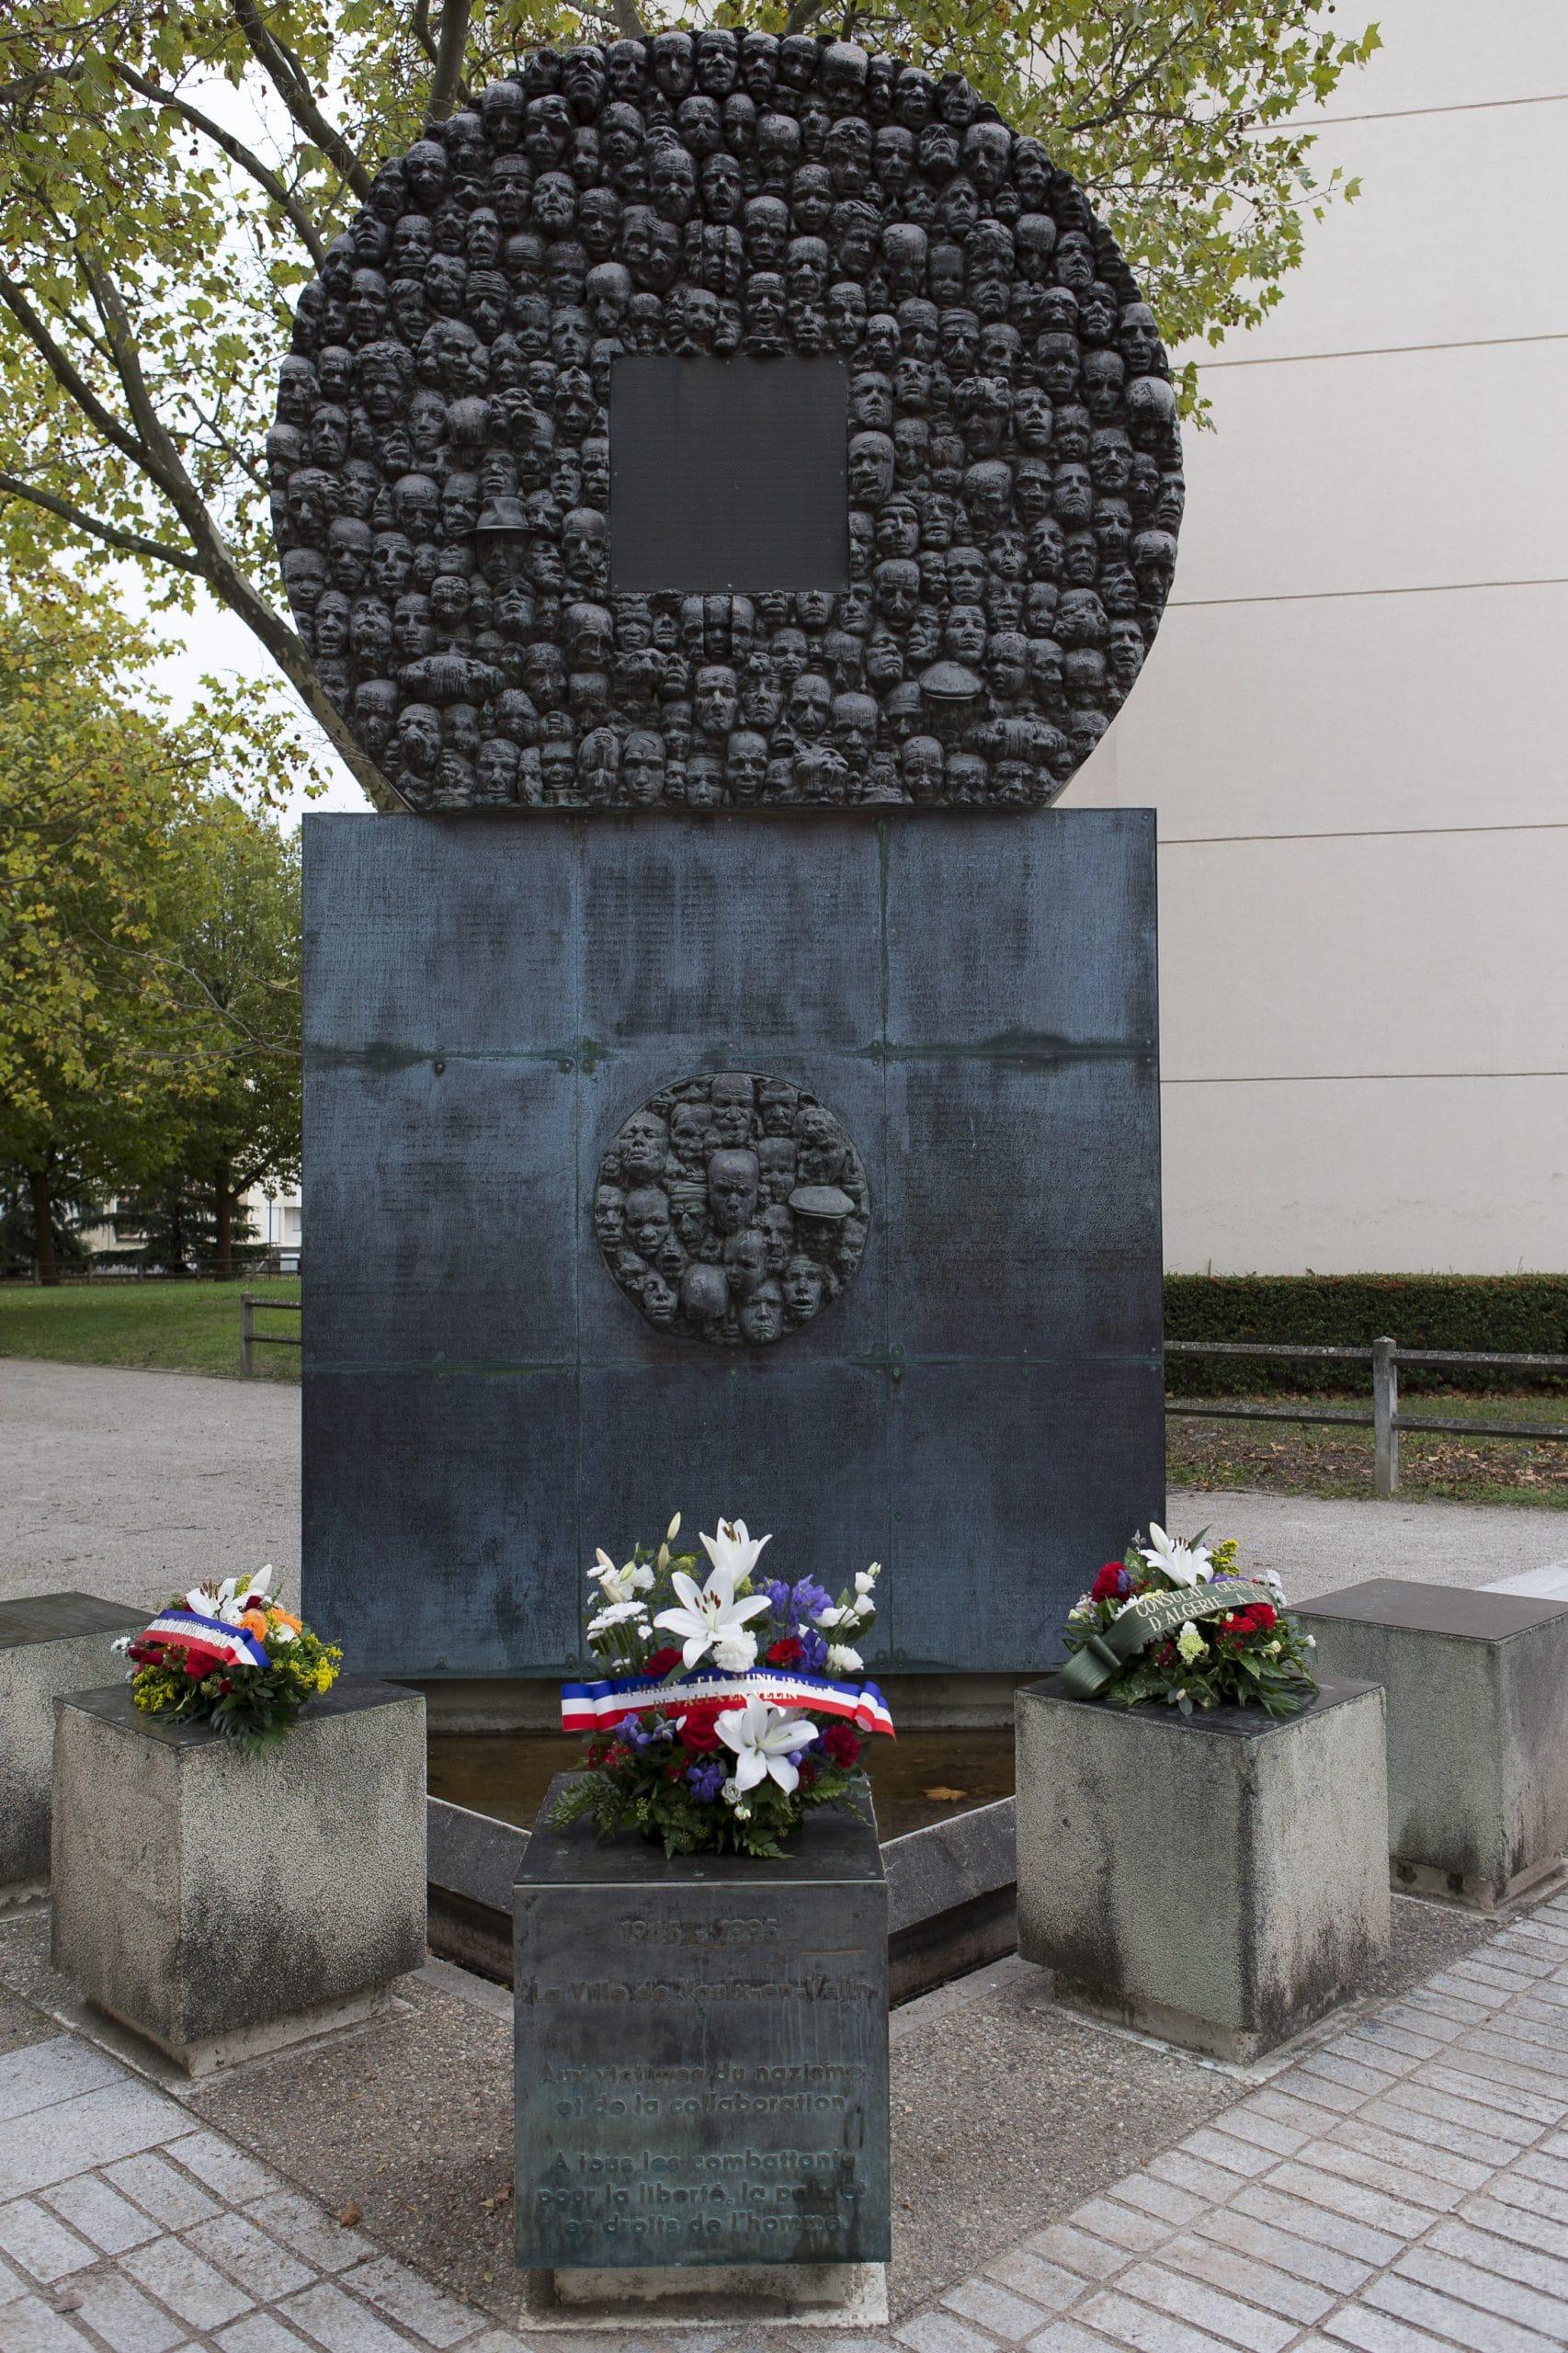 Image 8 - commémoration du 17 octobre 2020